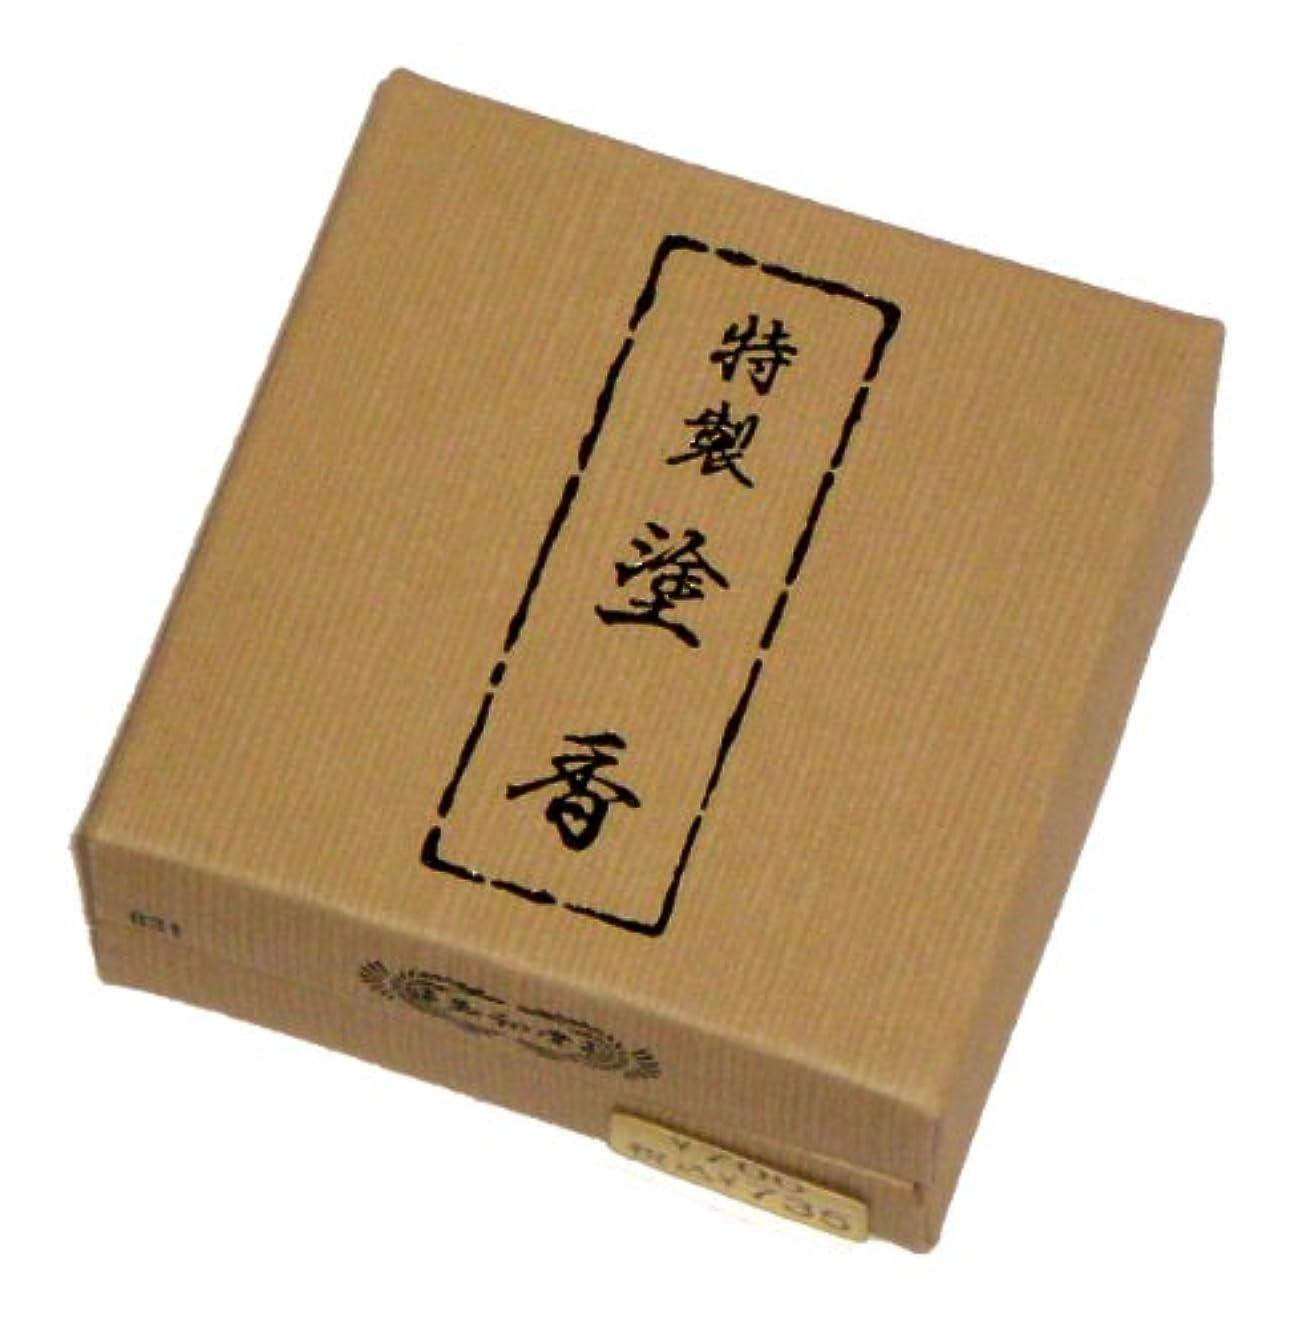 踏みつけヘルシーピニオン玉初堂のお香 特製塗香 15g 紙箱 #831